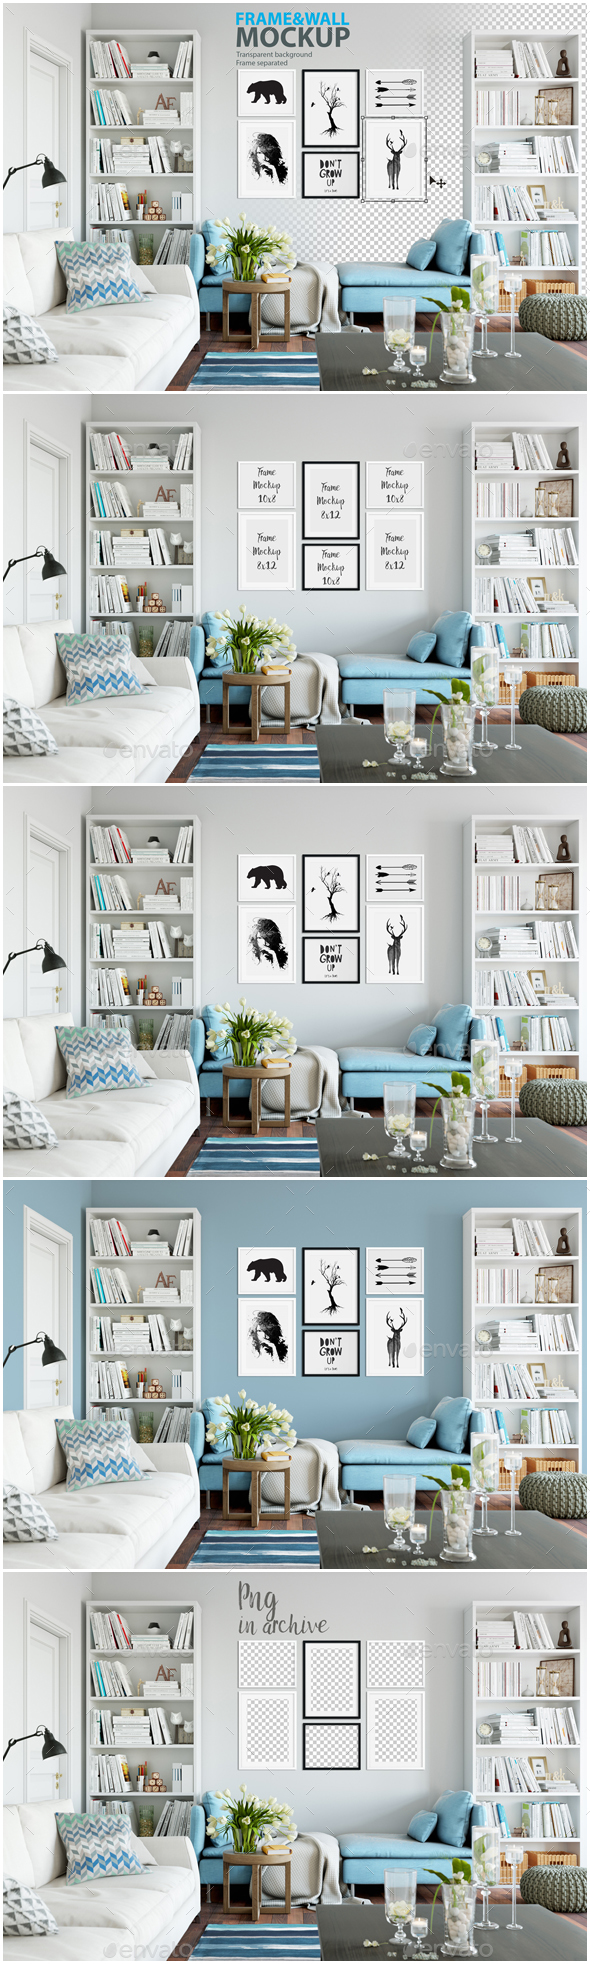 Frame & Wall Mockup 05 - Product Mock-Ups Graphics